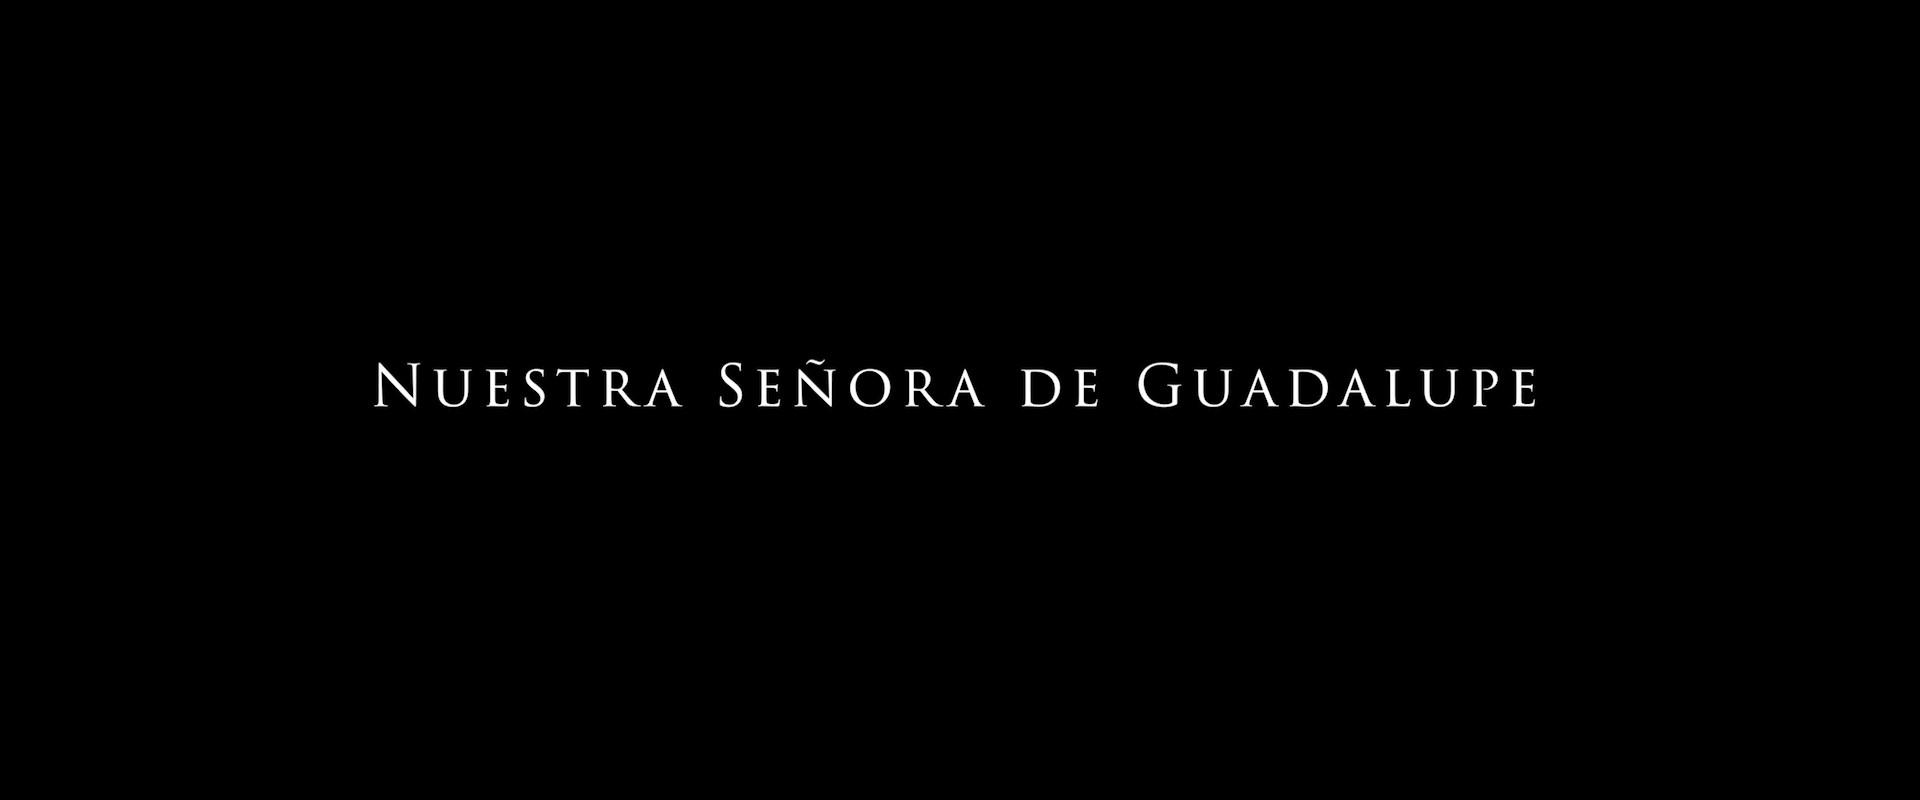 Nuestra Señora de Guadalupe (2020) 1080p WEB-DL Latino